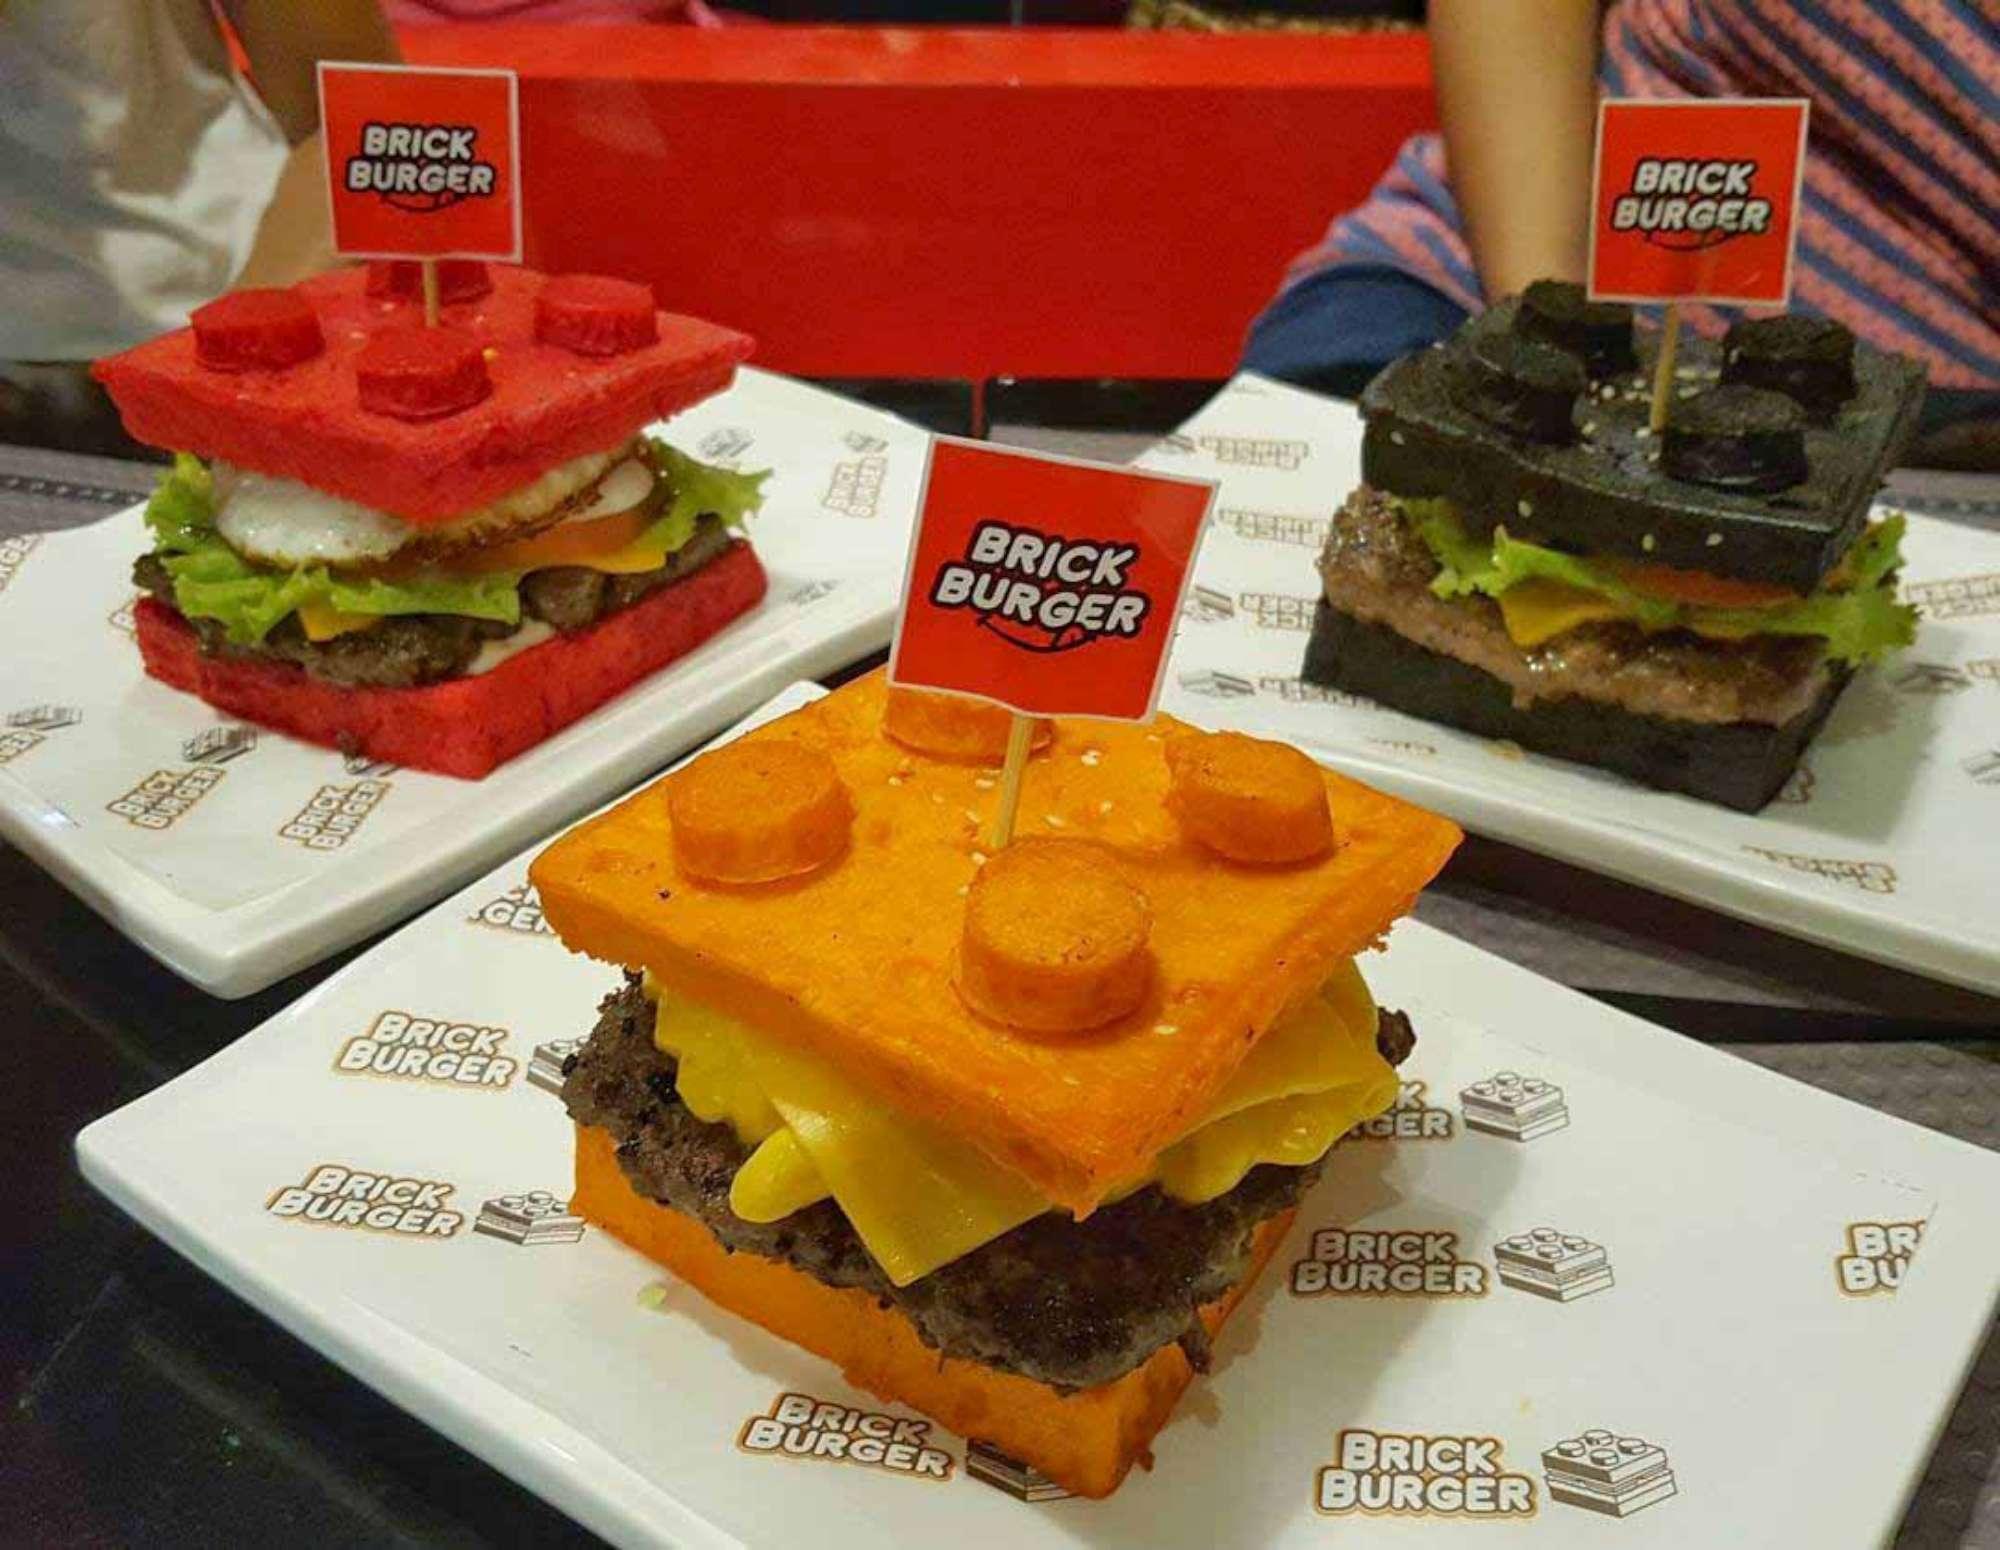 Mattoncini Lego... da mangiare: ecco i Brick Burger